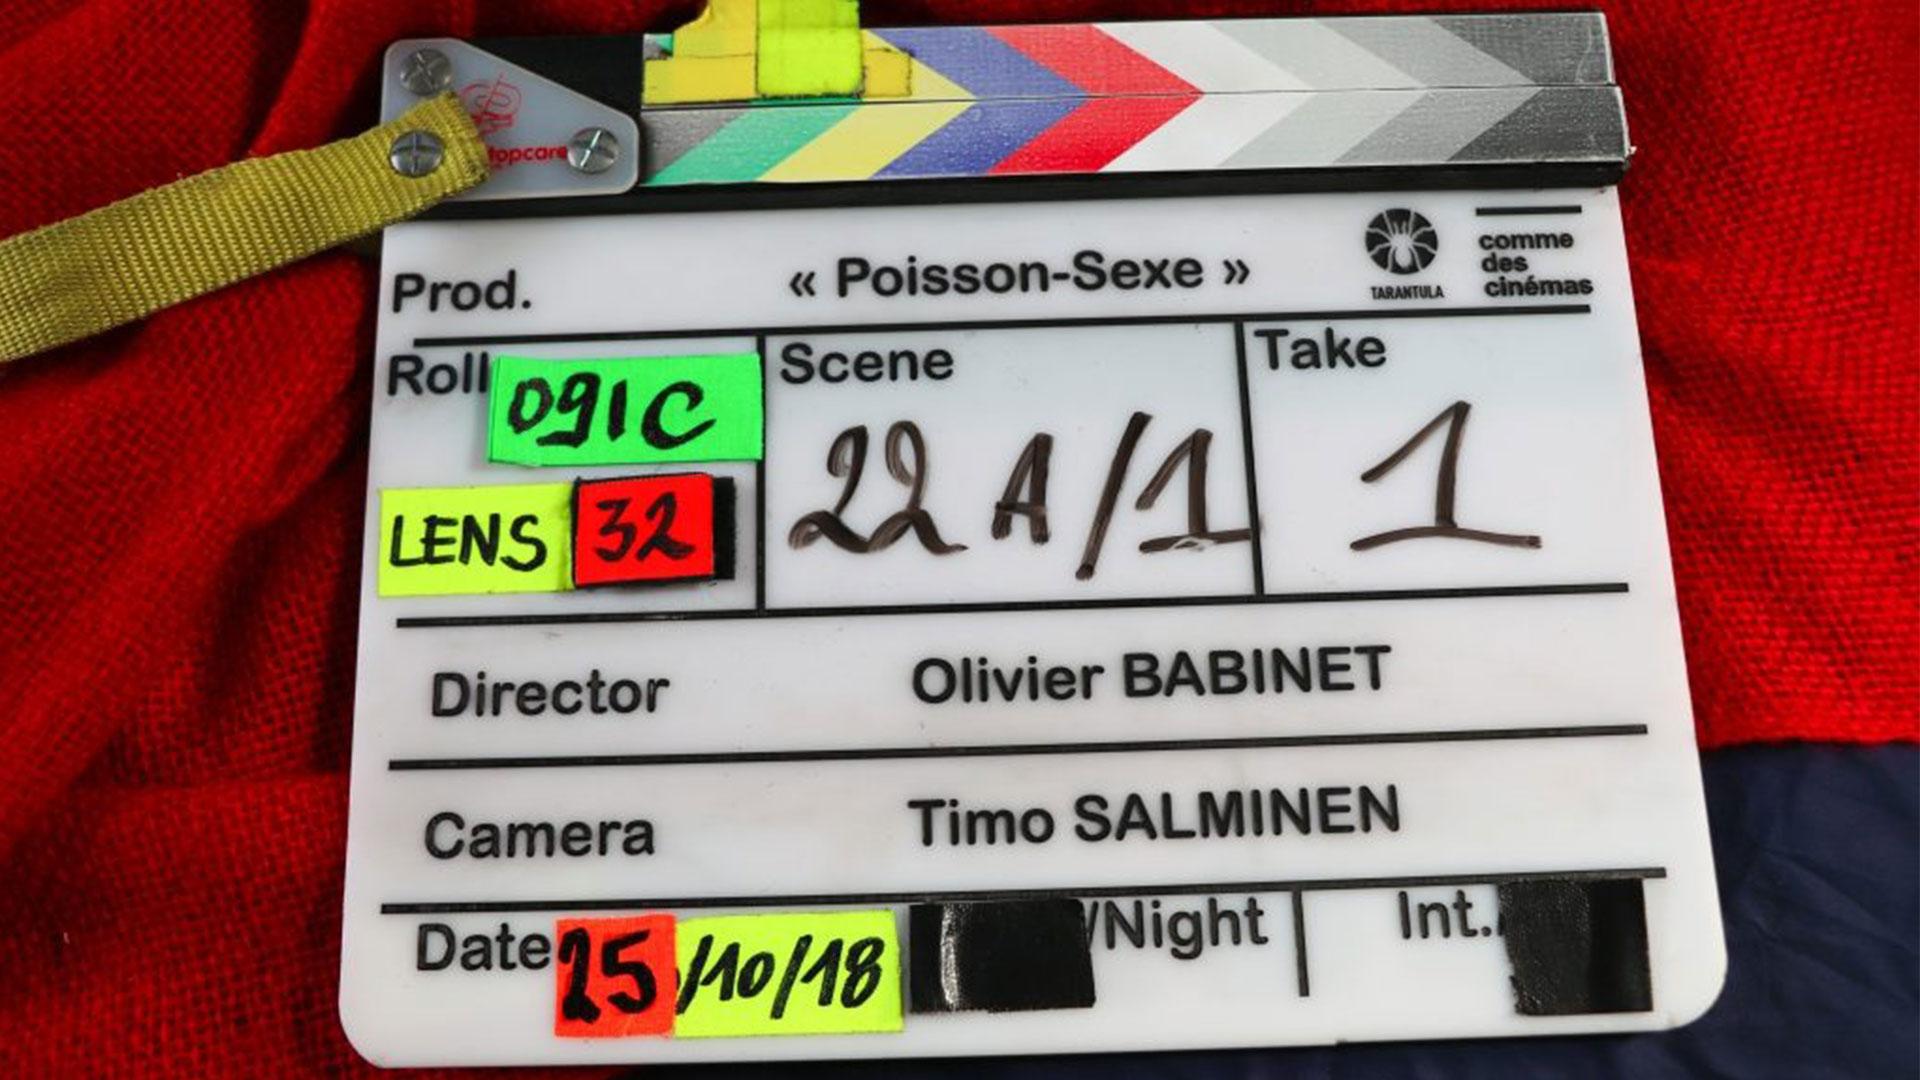 En direct d'un tournage…